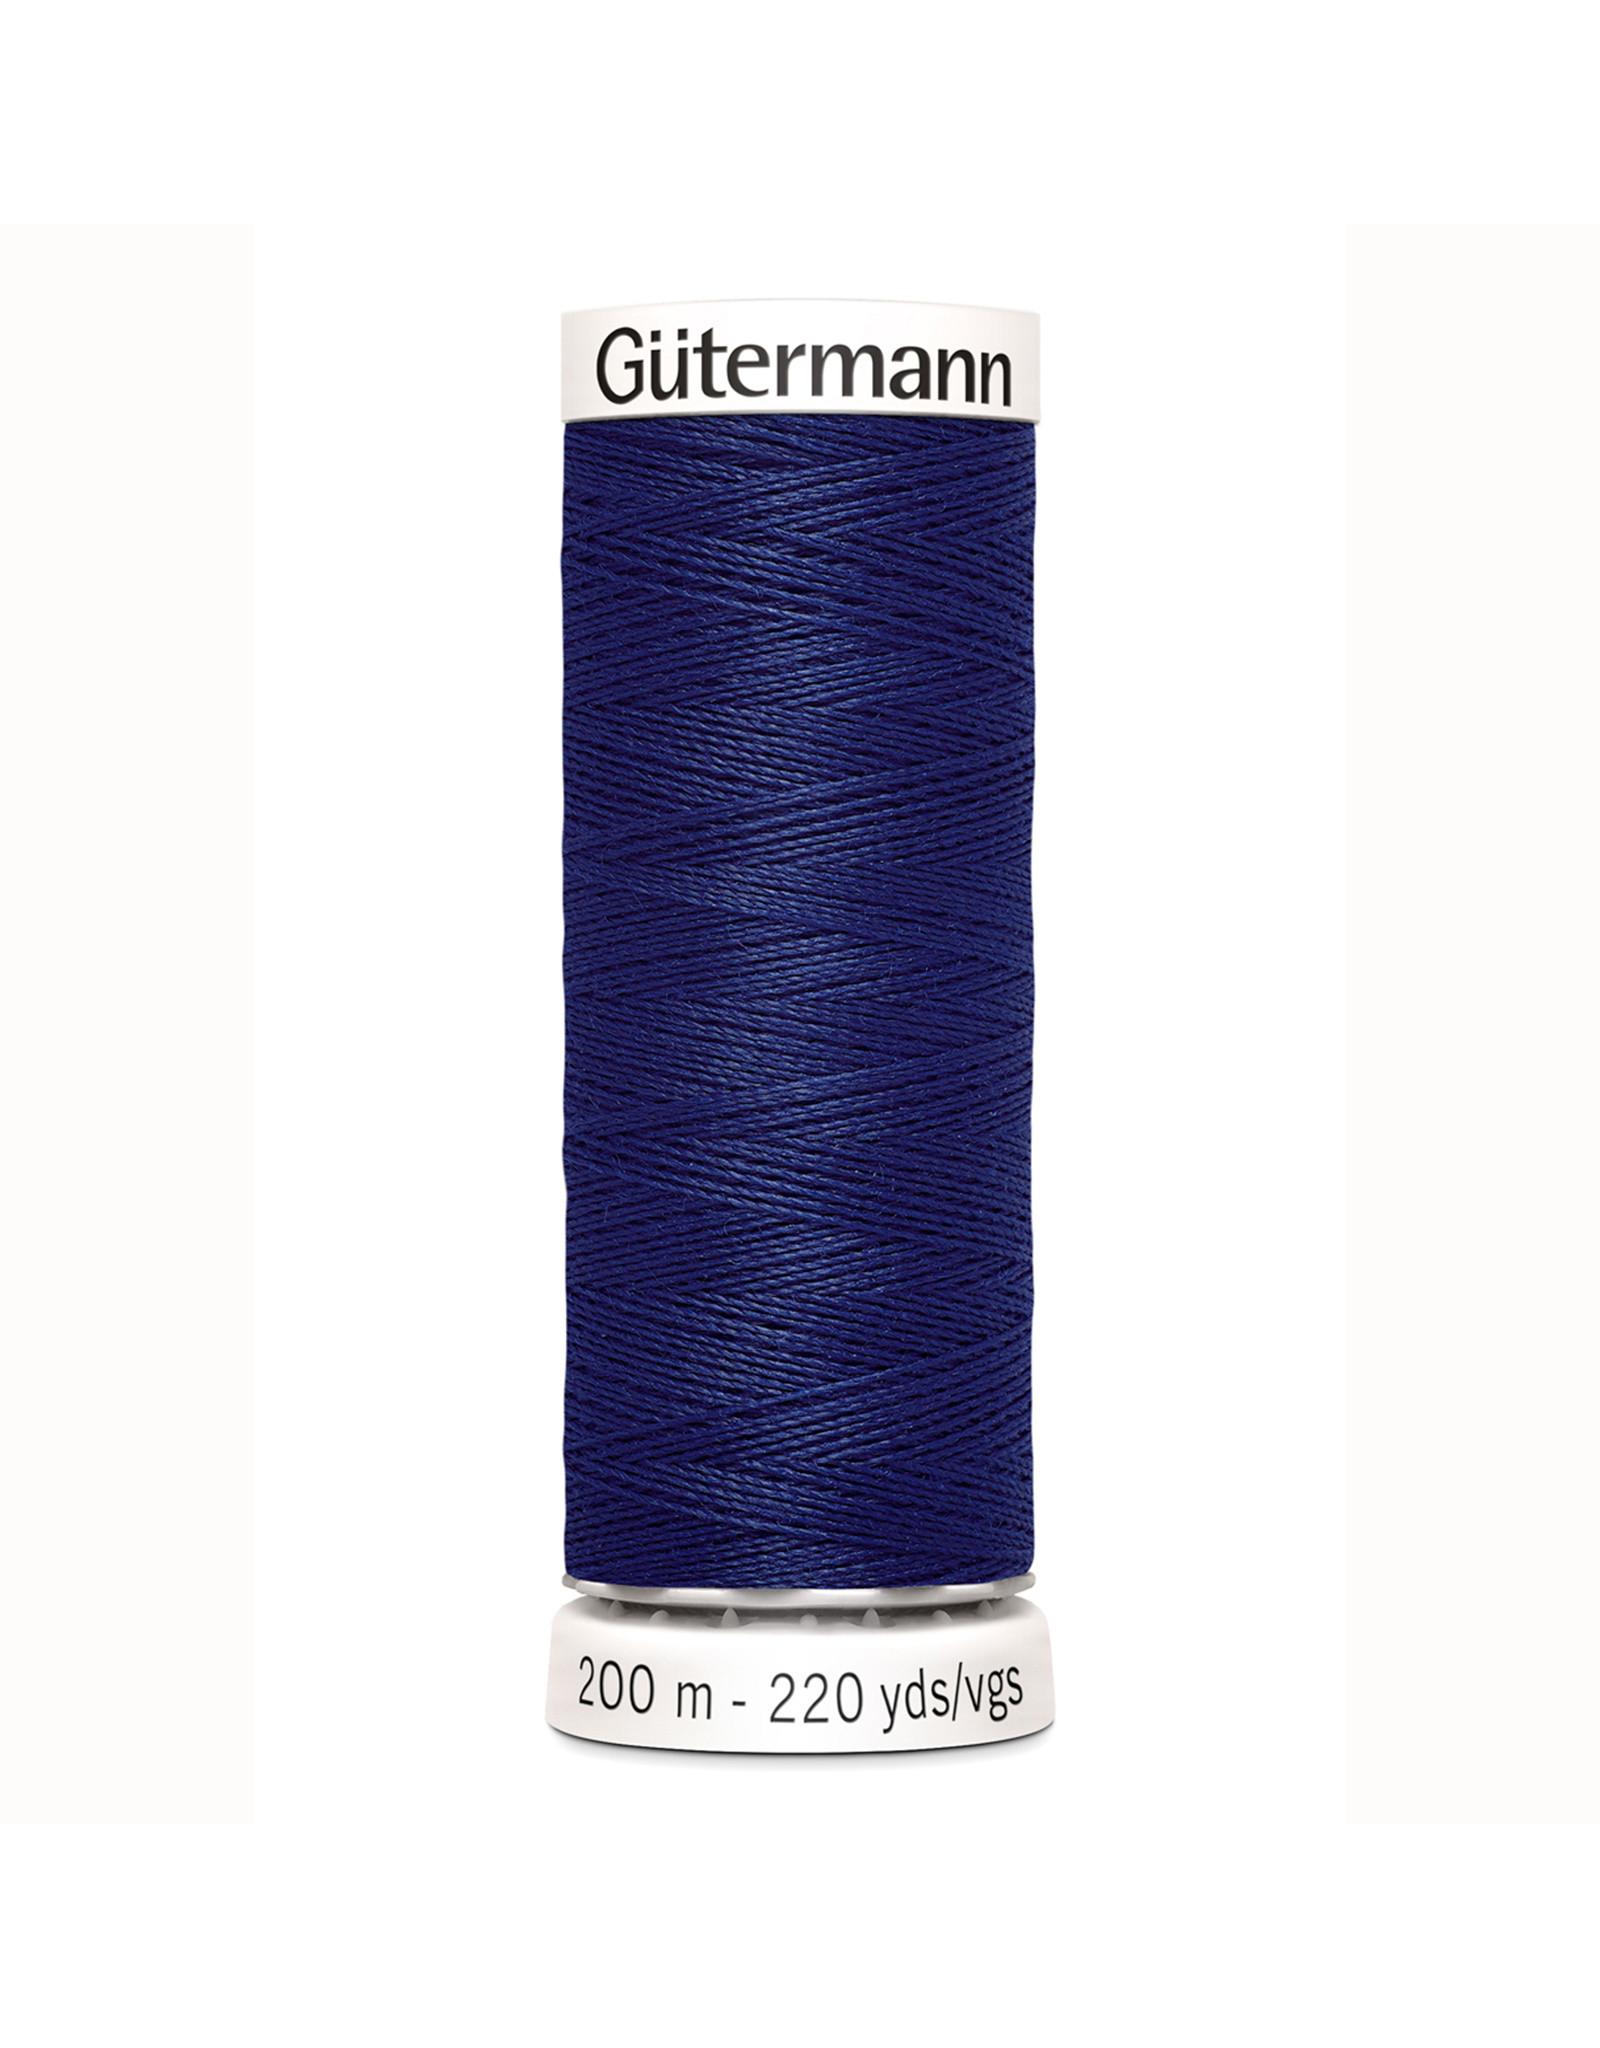 Gütermann Gütermann Nähgarn 200 m - nr 309